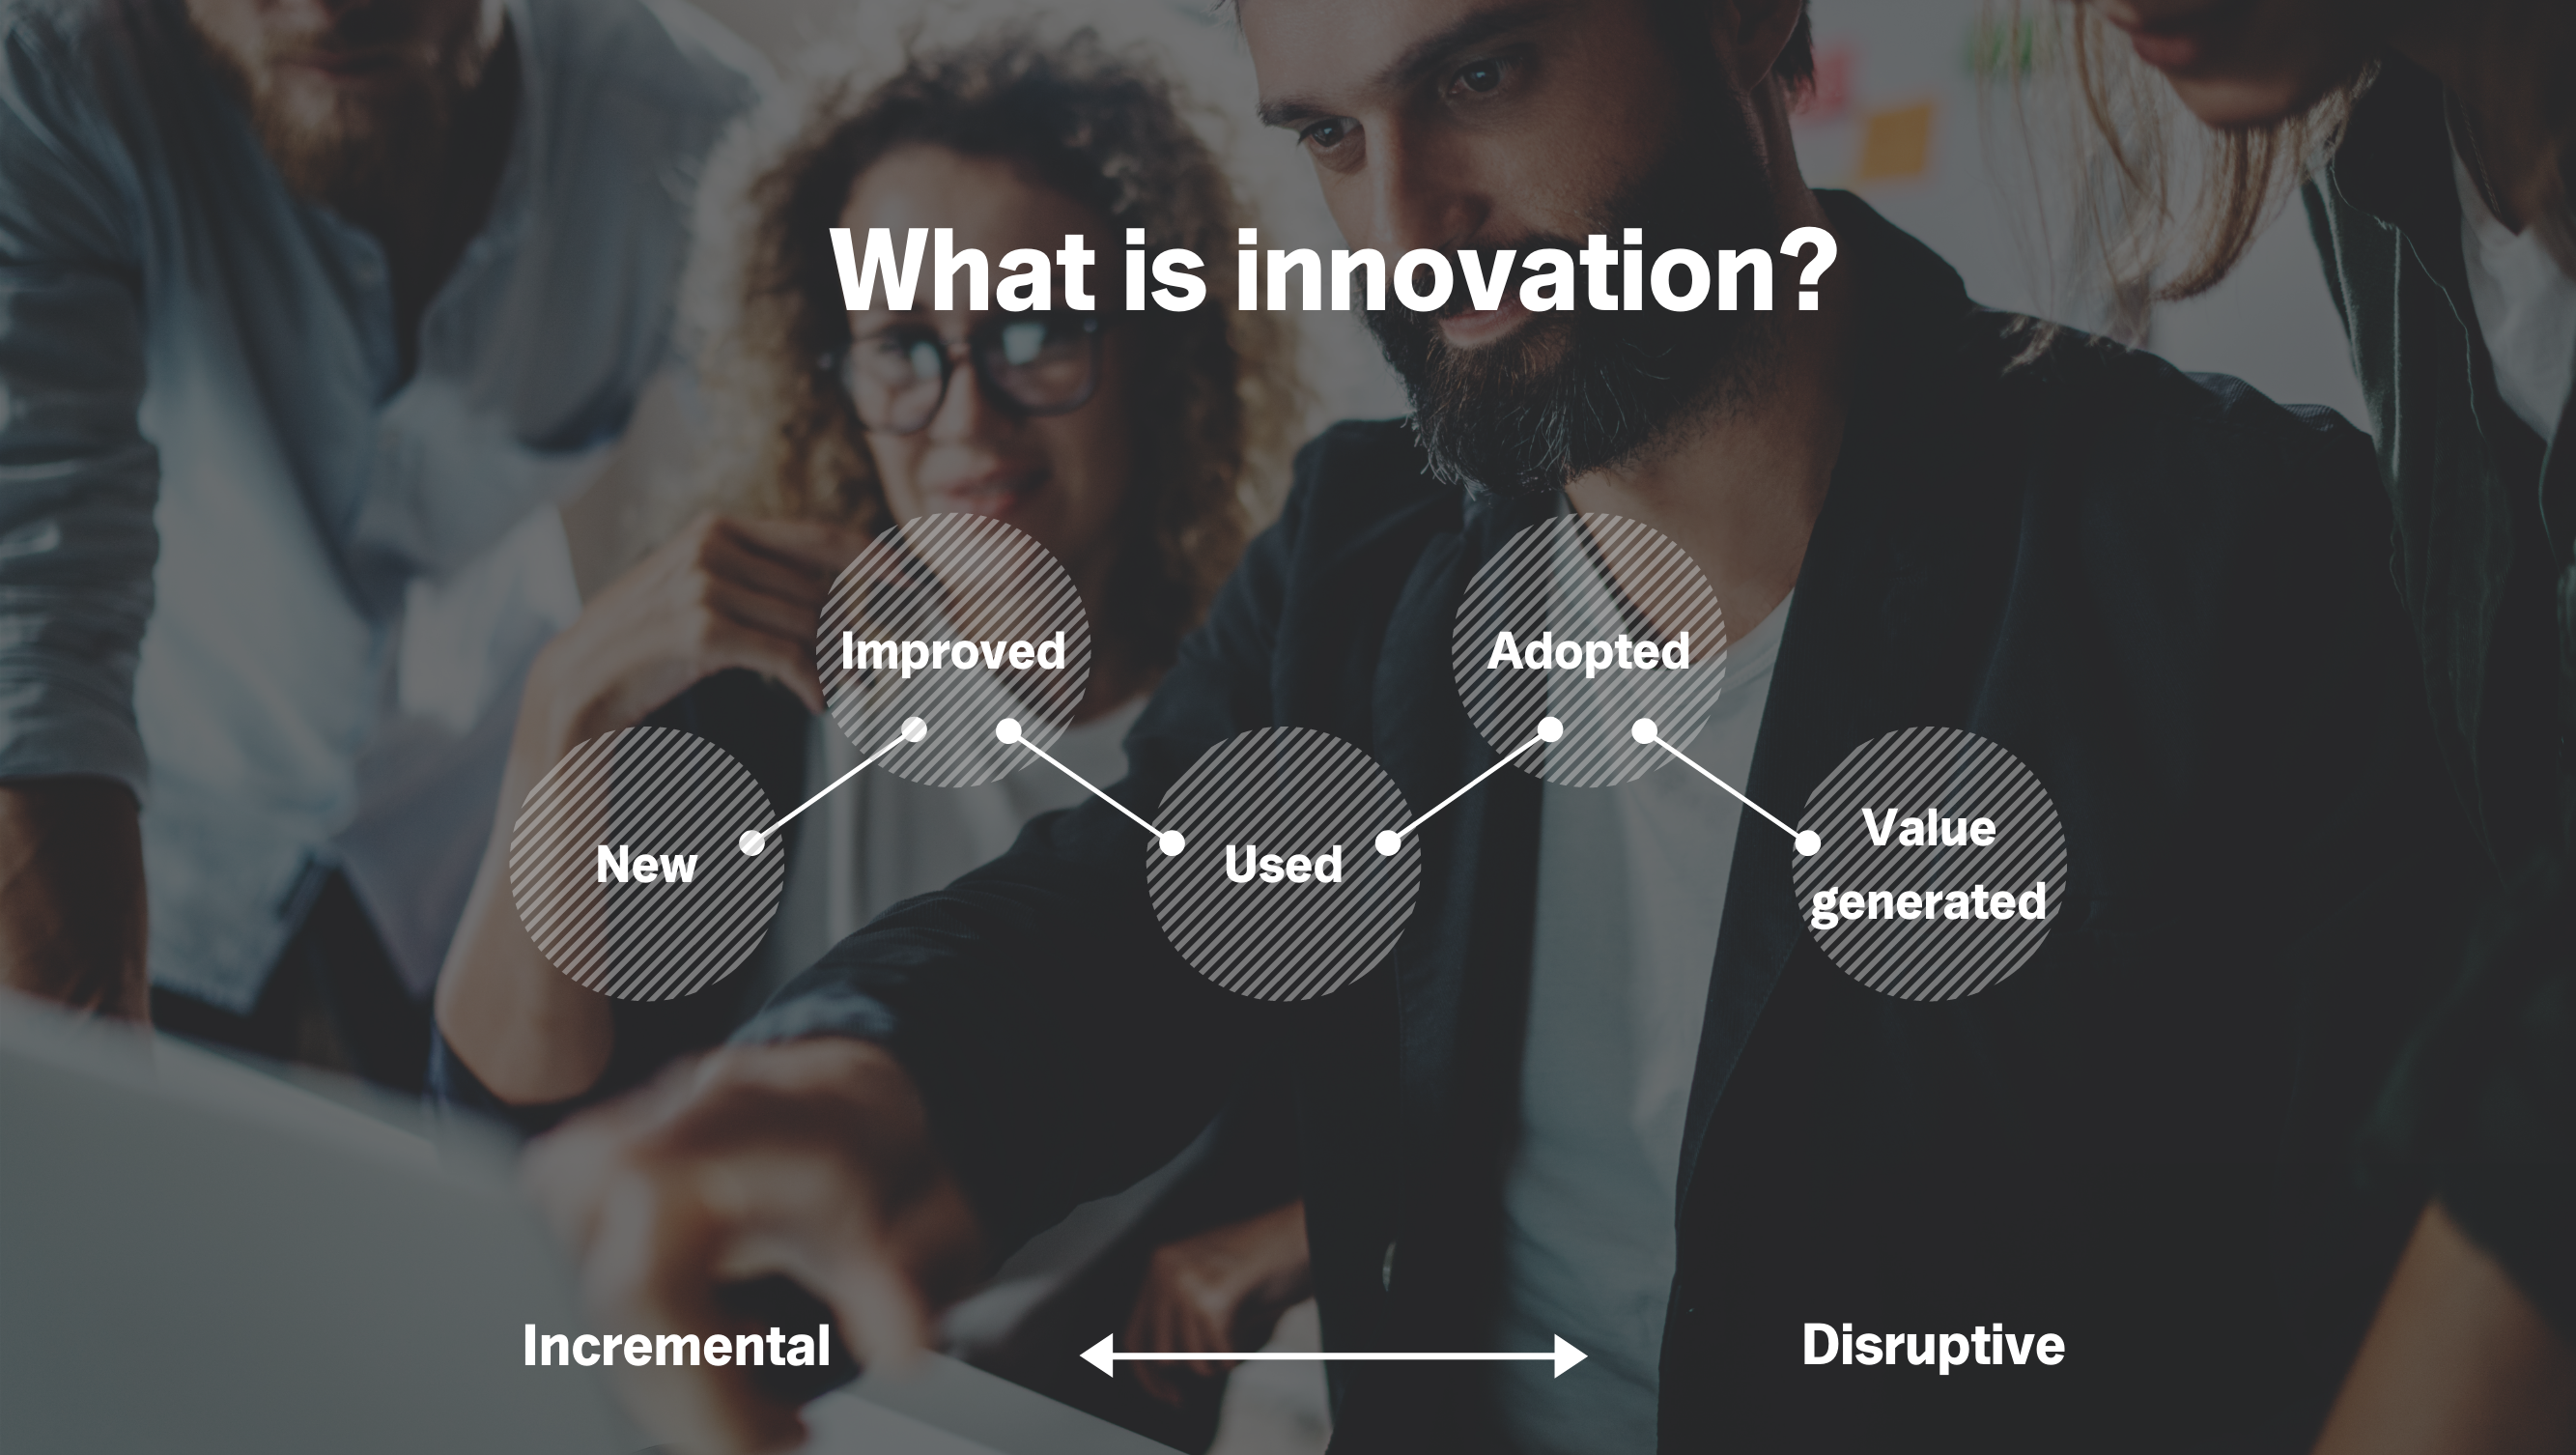 Kopi av What is innovation_